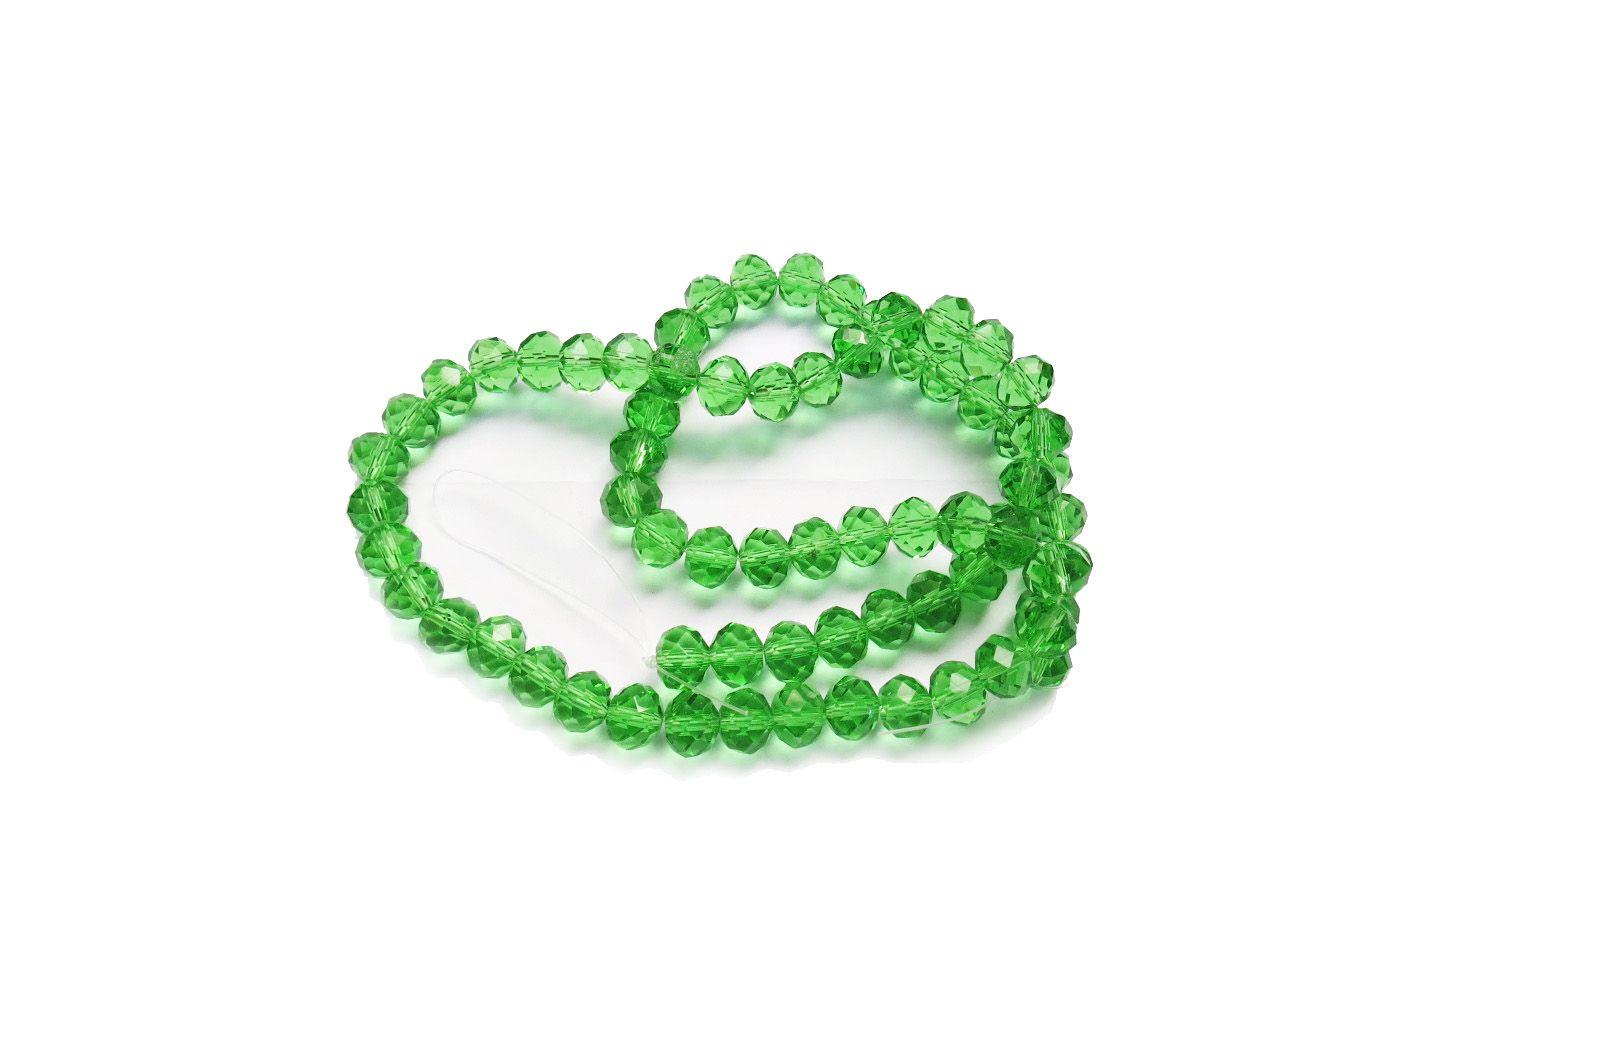 Verde Transparente Achatado (10 mm)